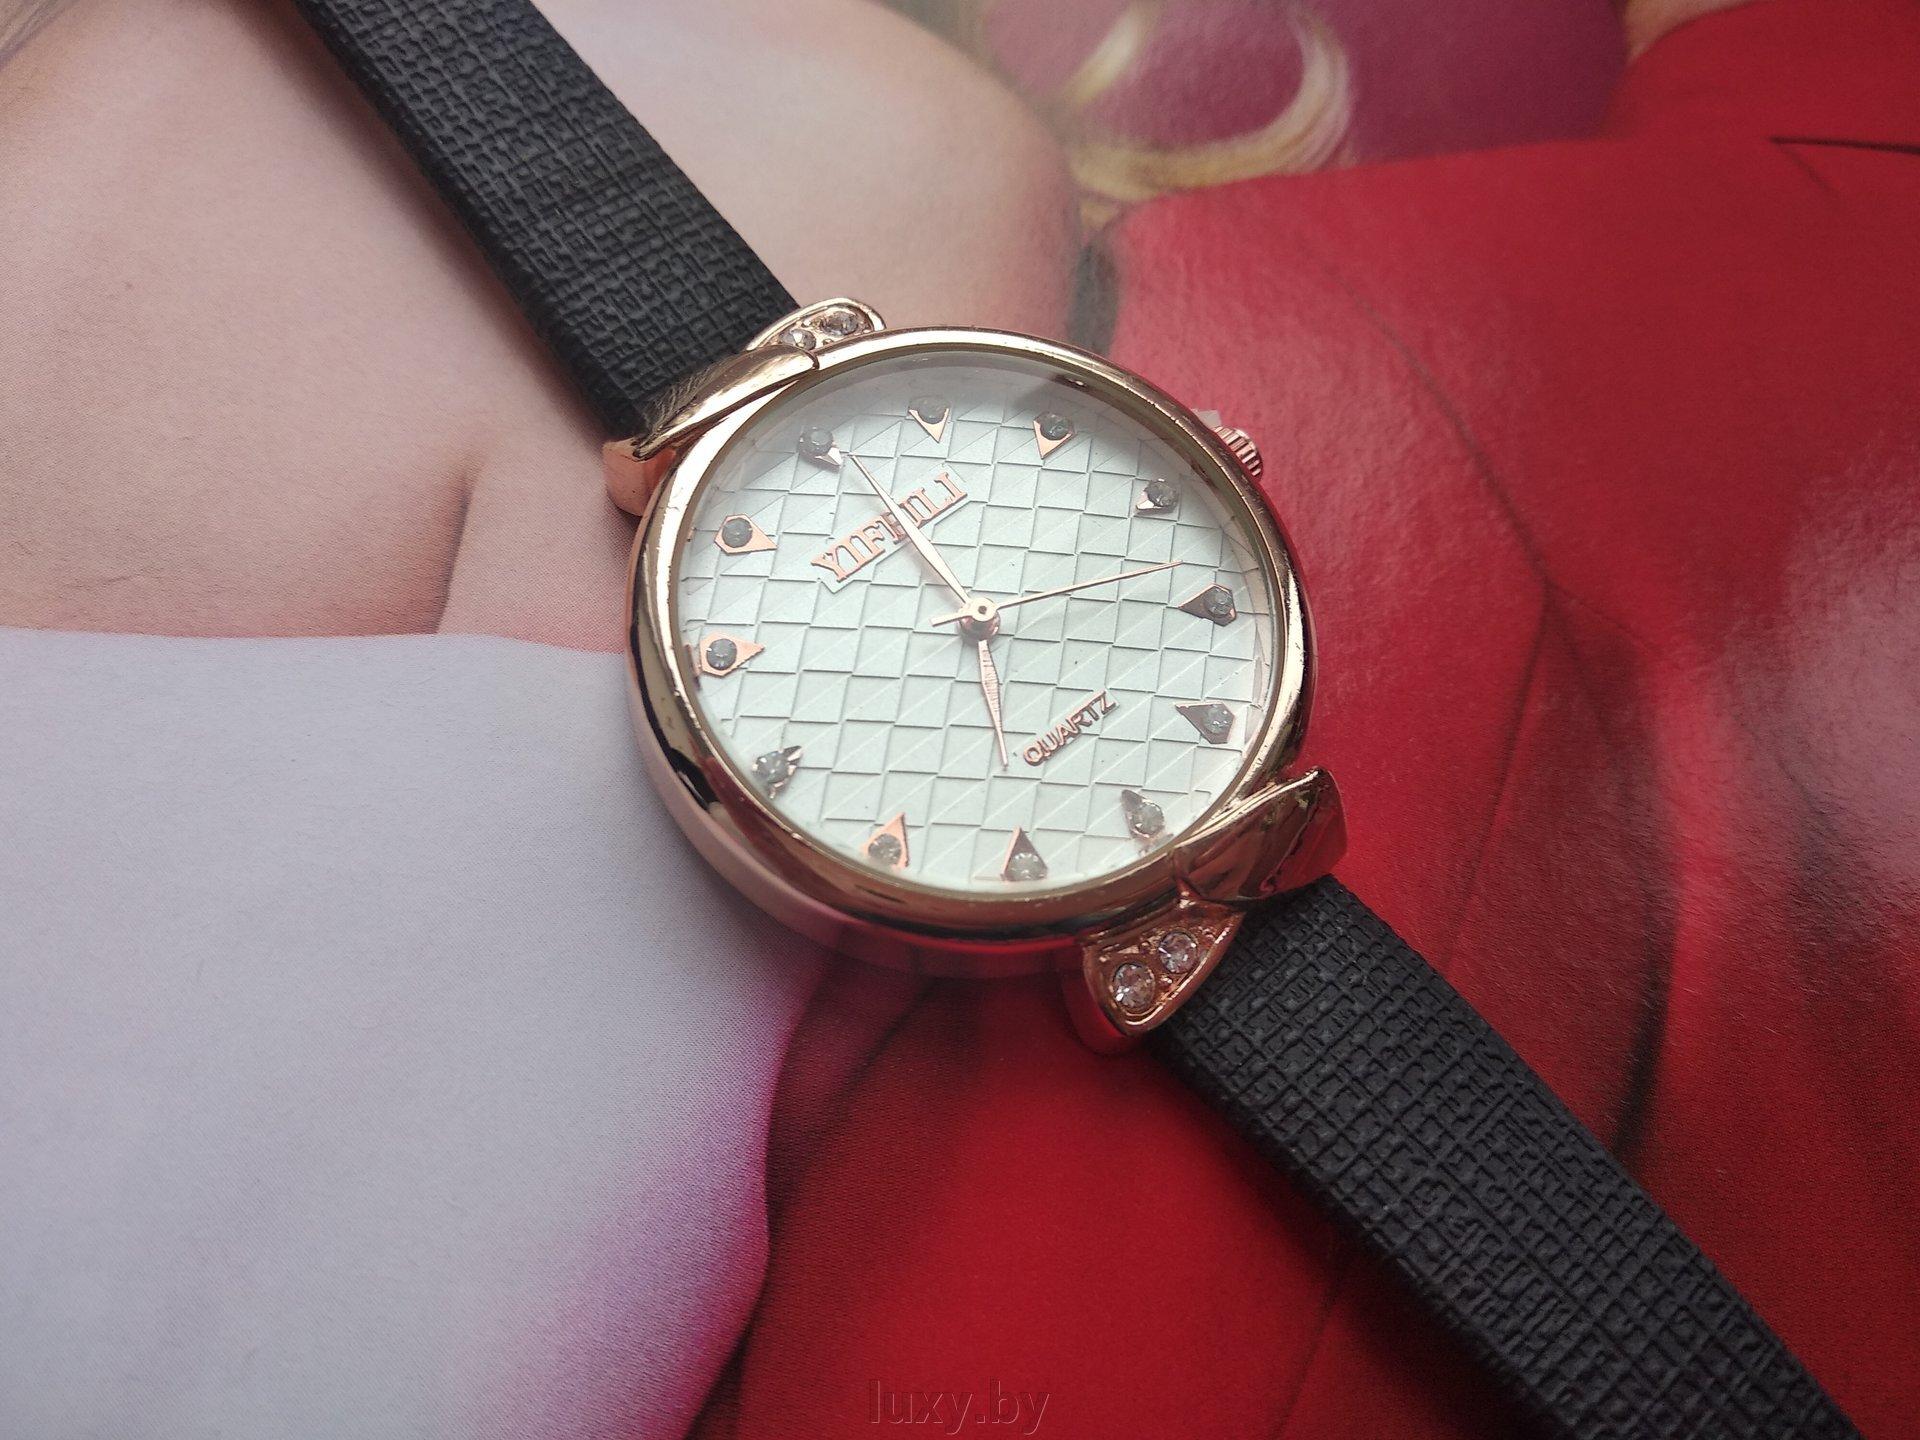 Часы наручные женские YIFEILI, ремешок чёрный, арт. Н-37 - фото pic_de68d232e519d9a_1920x9000_1.jpg